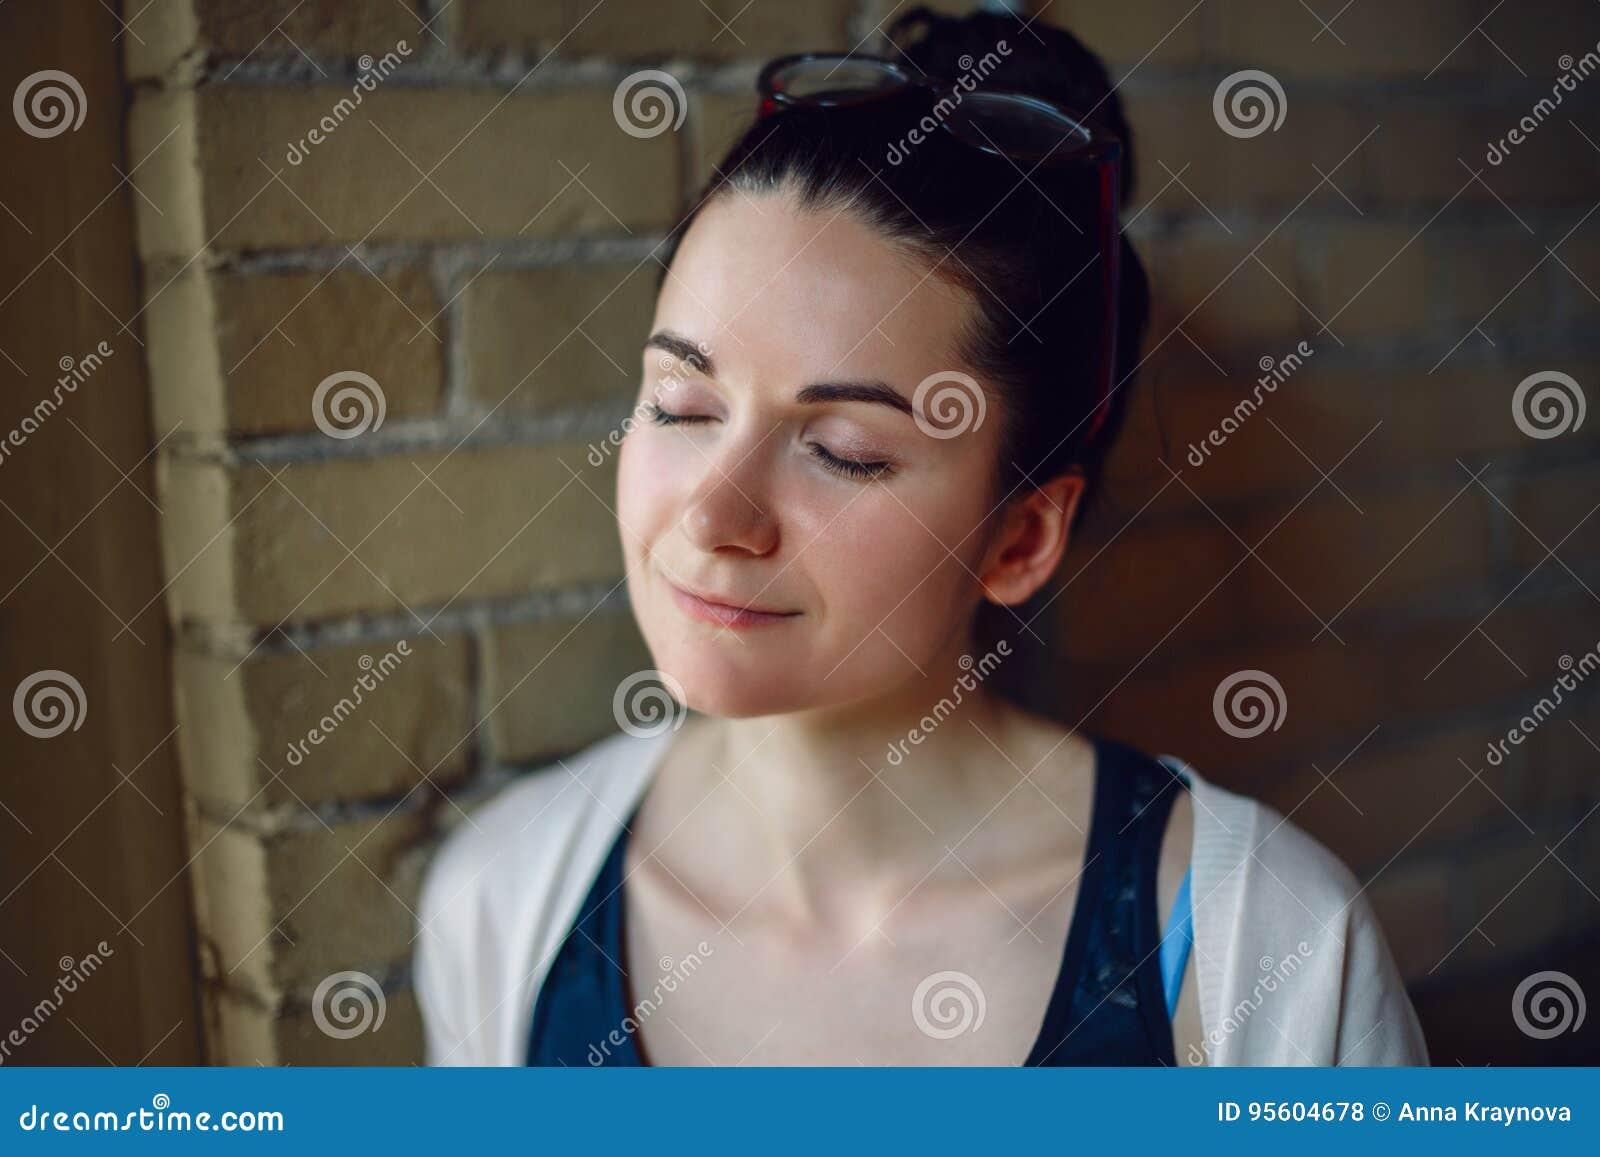 Zbliżenie portret uśmiechać się białej Kaukaskiej brunetki młodej pięknej kobiety z ciemnym włosy, szkła na głowie, z zamkniętymi